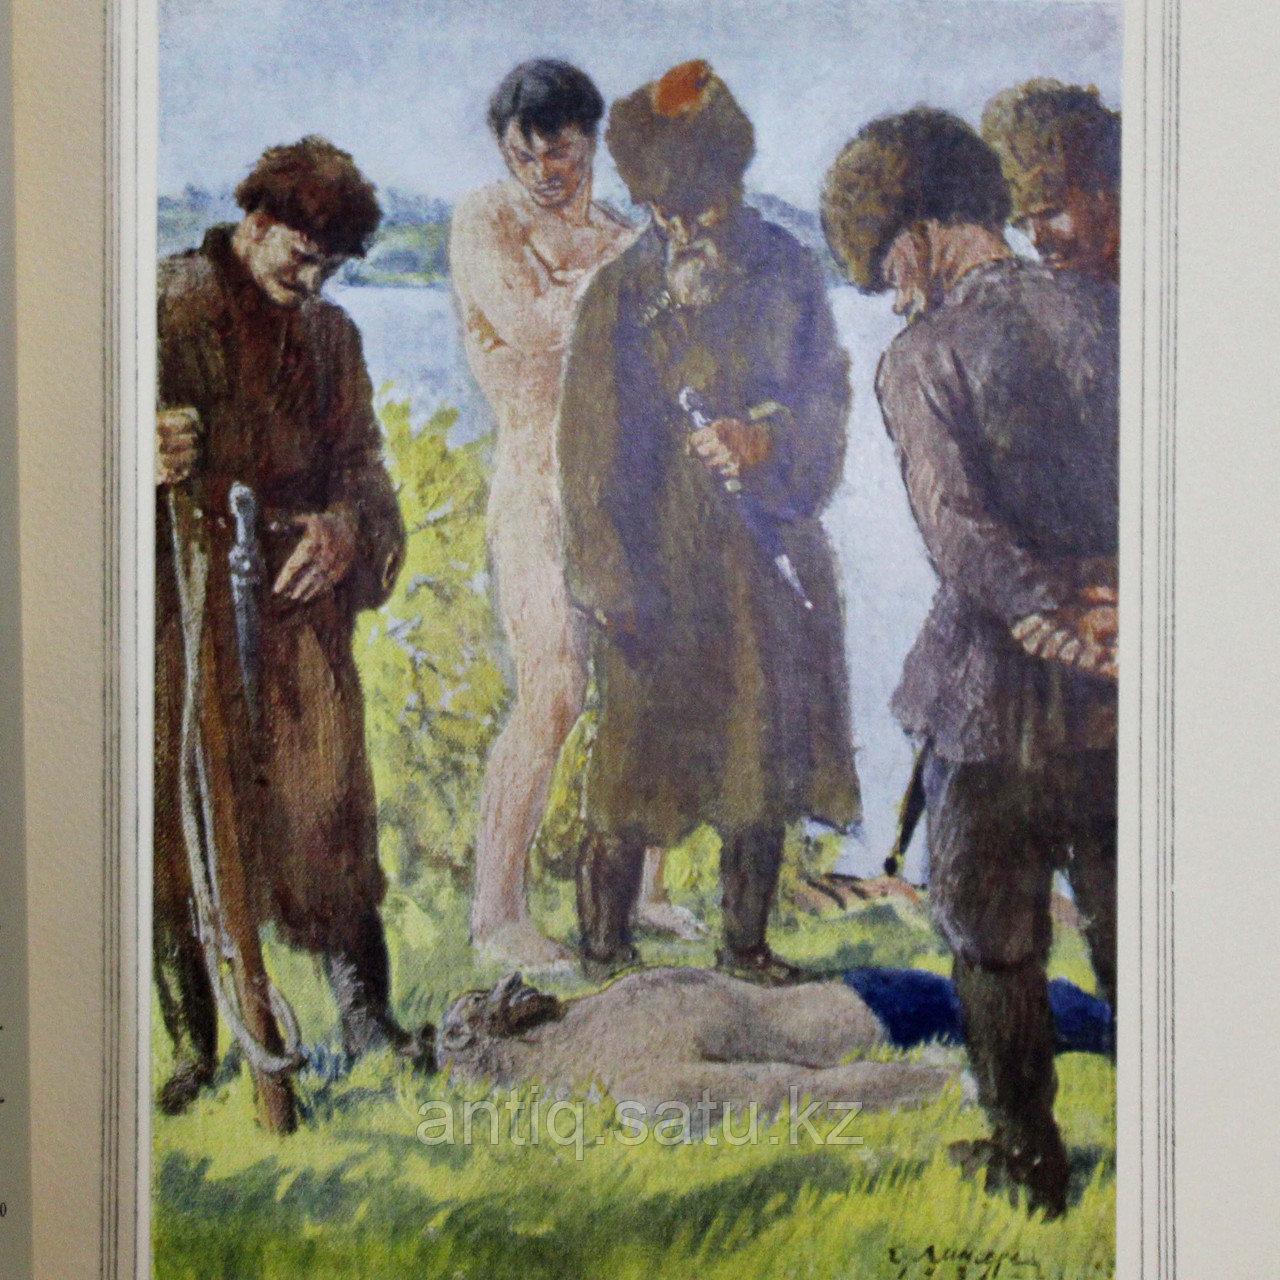 Л. Н. ТОЛСТОЙ. ПОВЕСТЬ «КАЗАКИ» Лев Николаевич Толстой (1828-1910). - фото 4